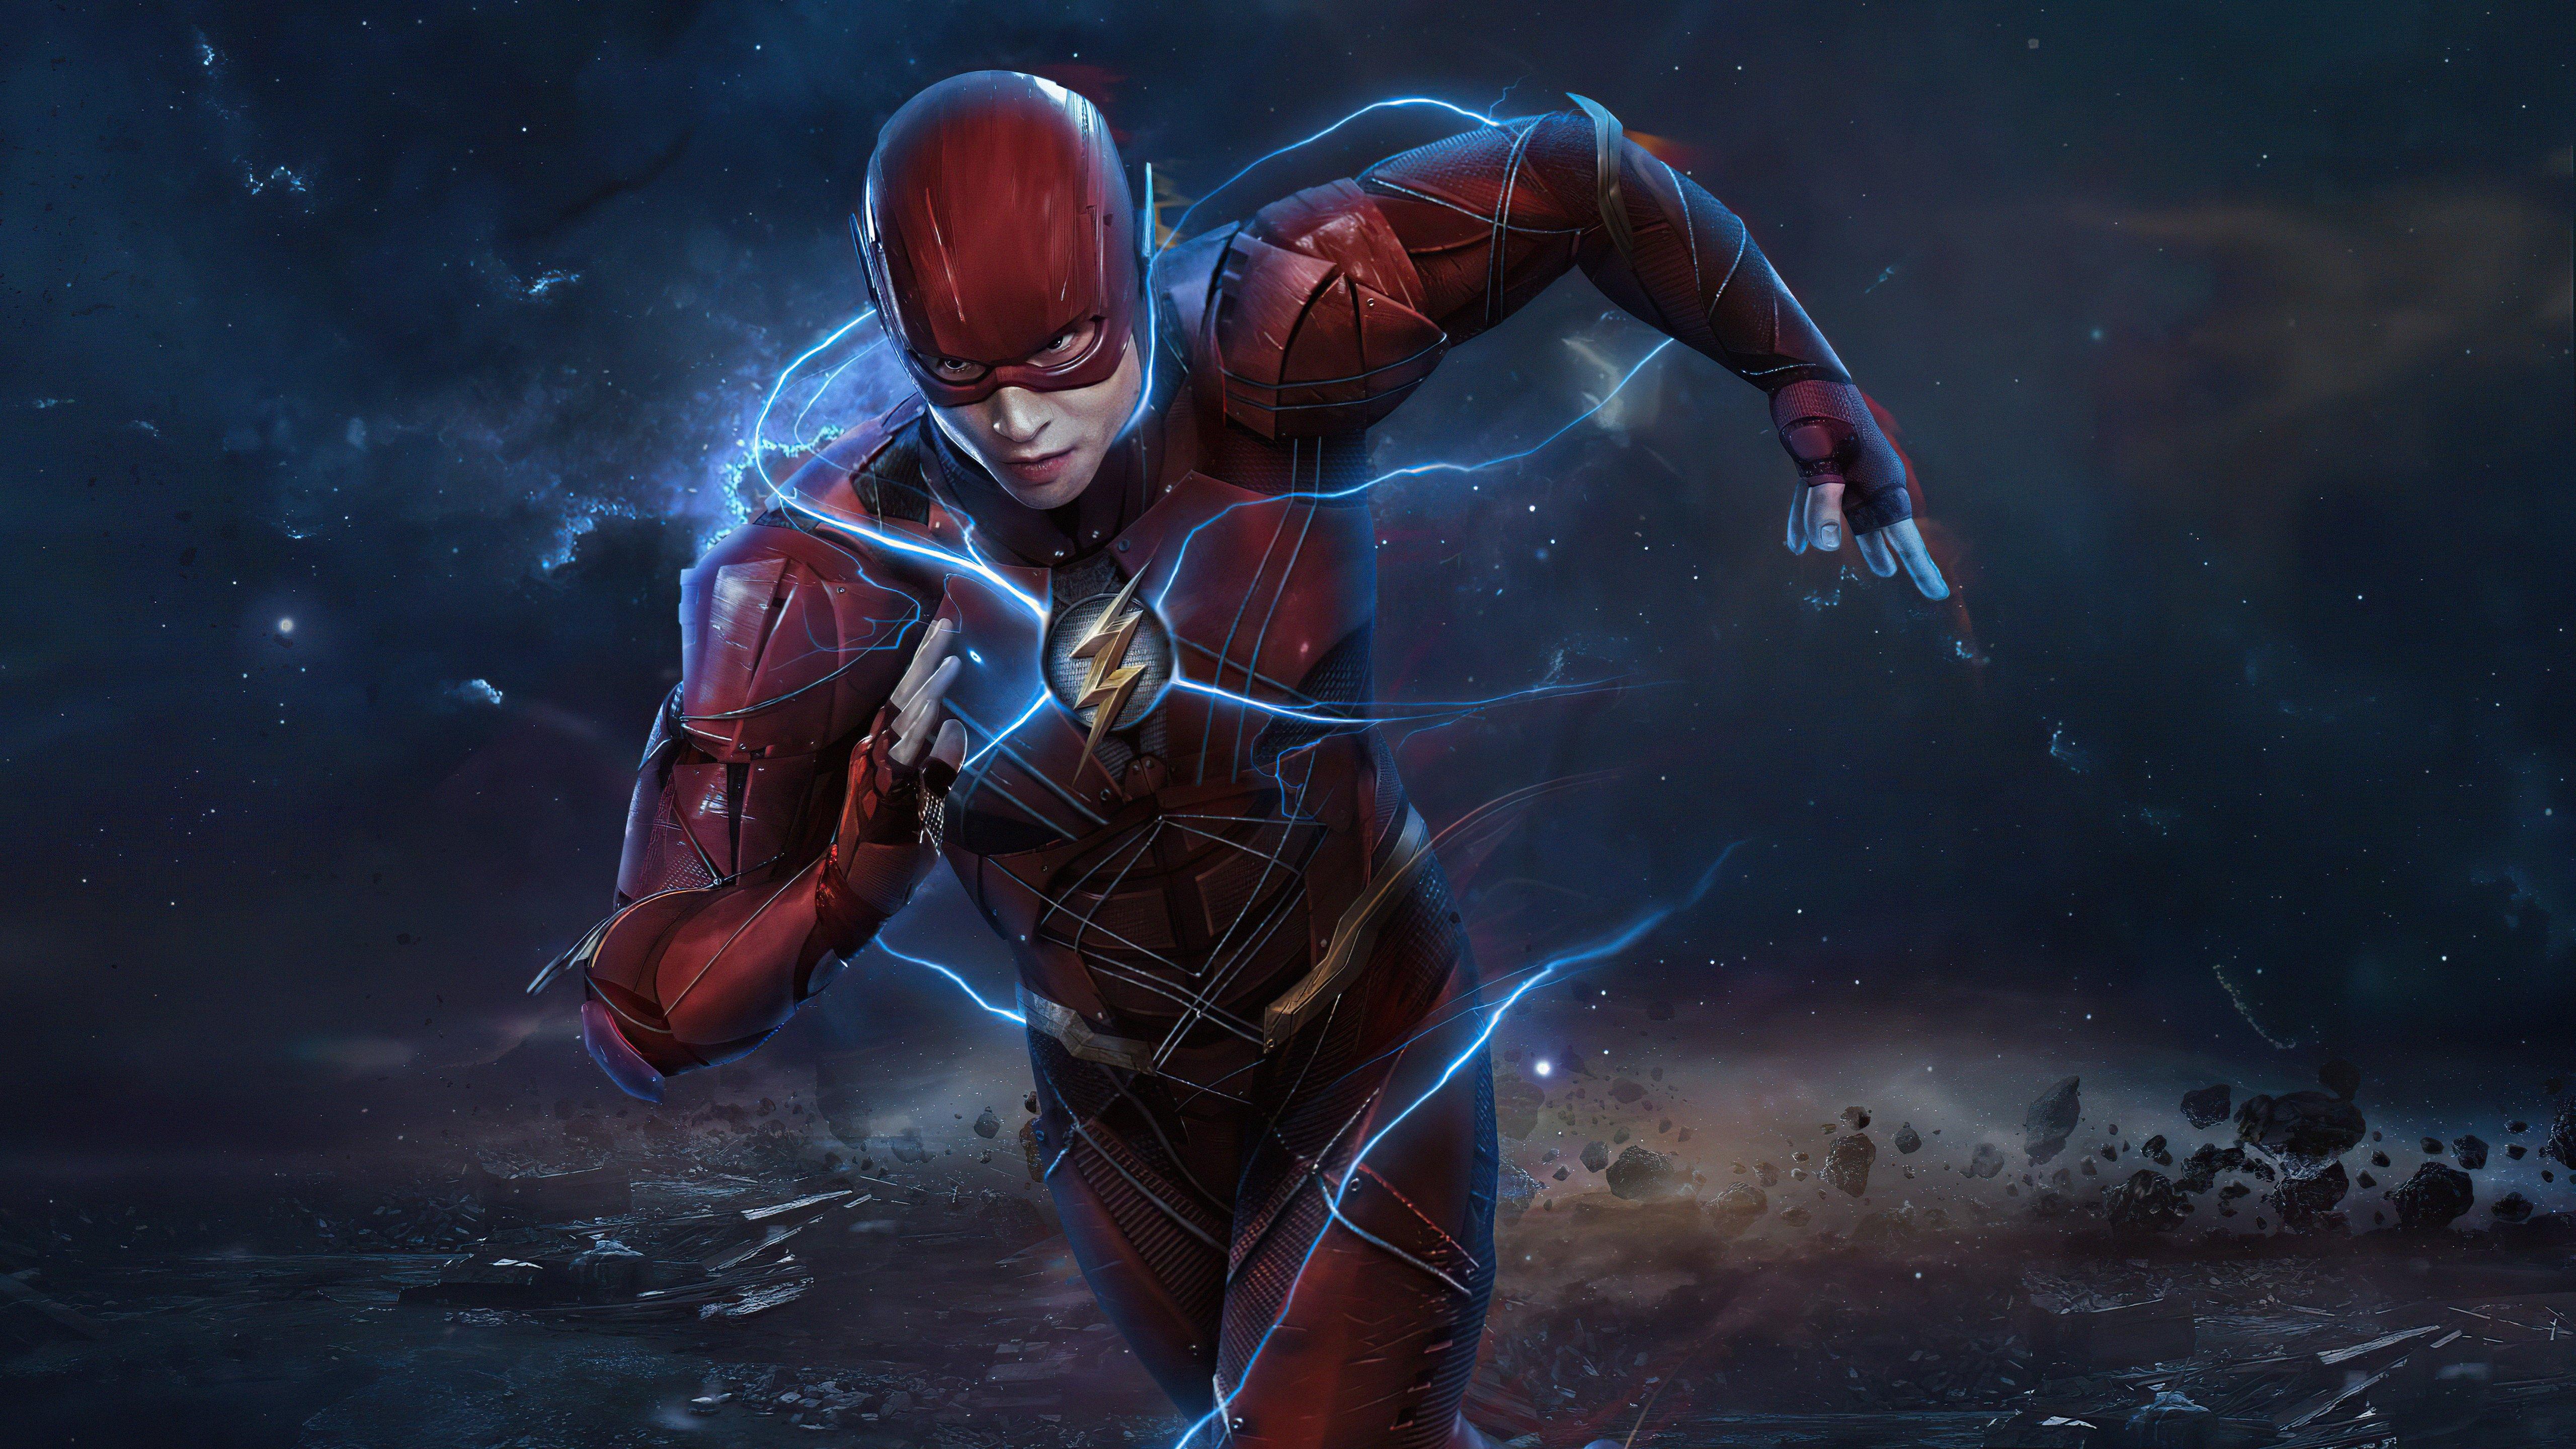 Fondos de pantalla Flash corriendo Zack Snyder Cut